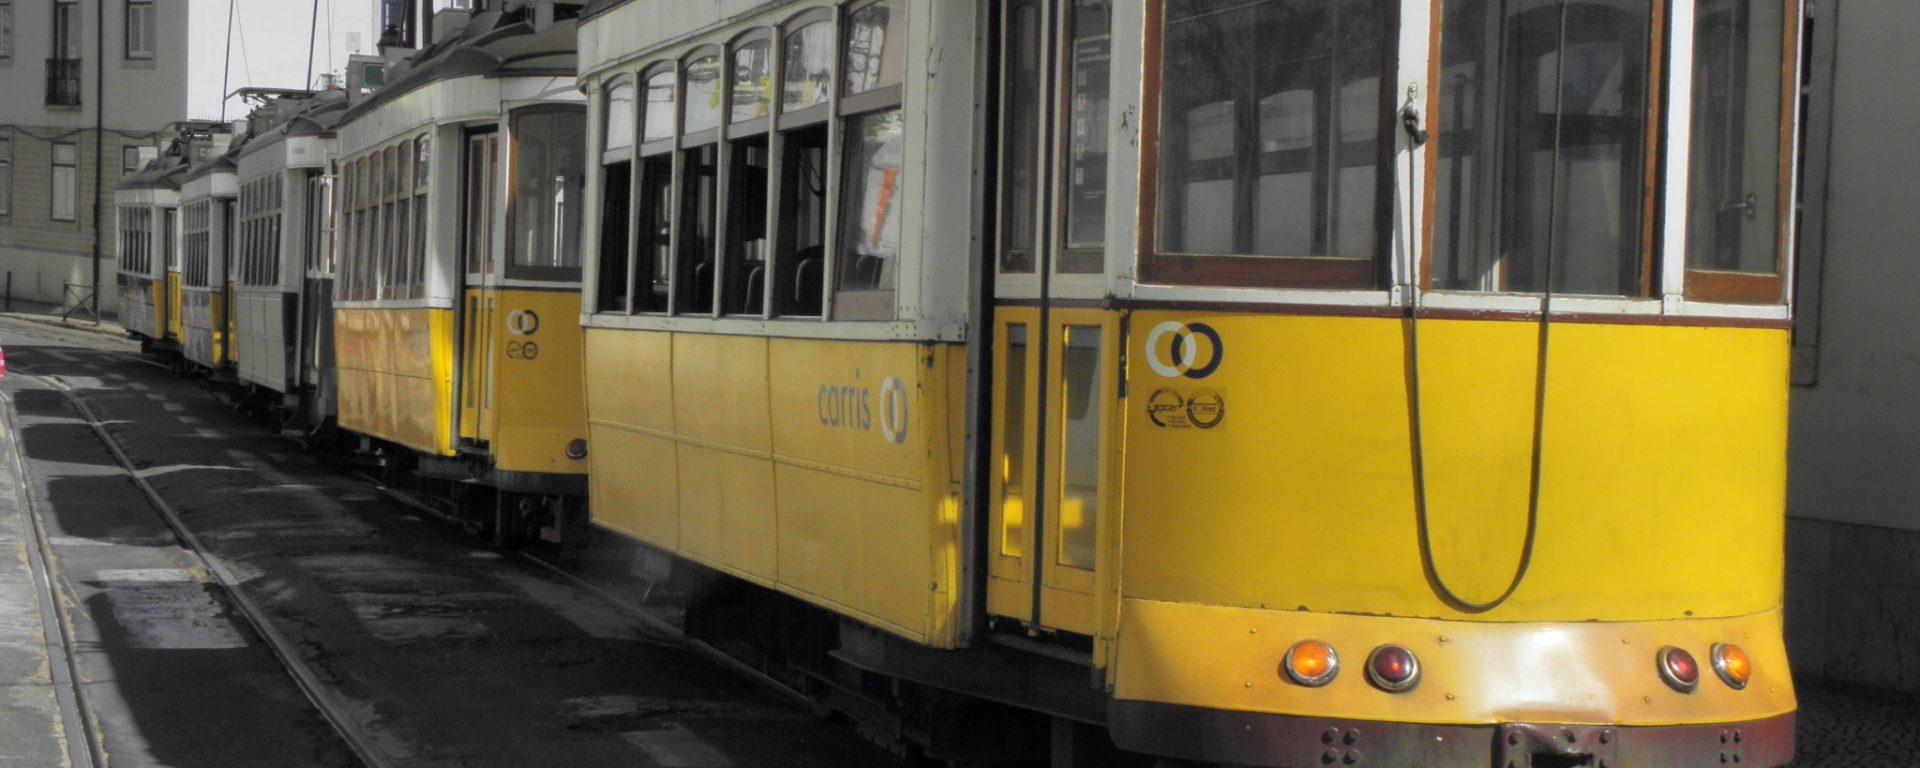 Private tram tour, Lisbon, Go discover Travel